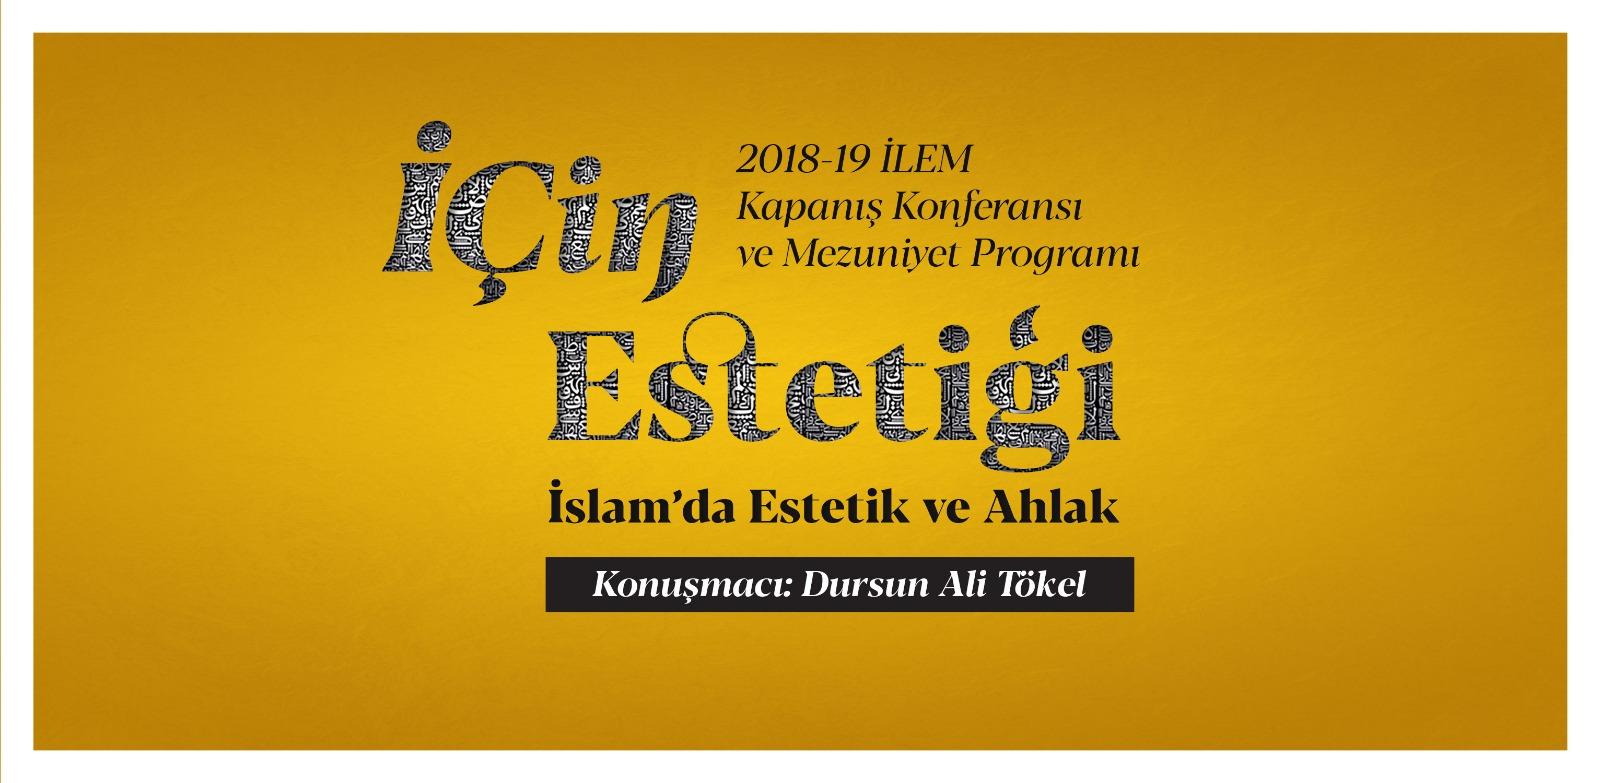 2018 – 2019 İLEM Eğitim Programı Kapanış Konferansı ve Mezuniyet Programı